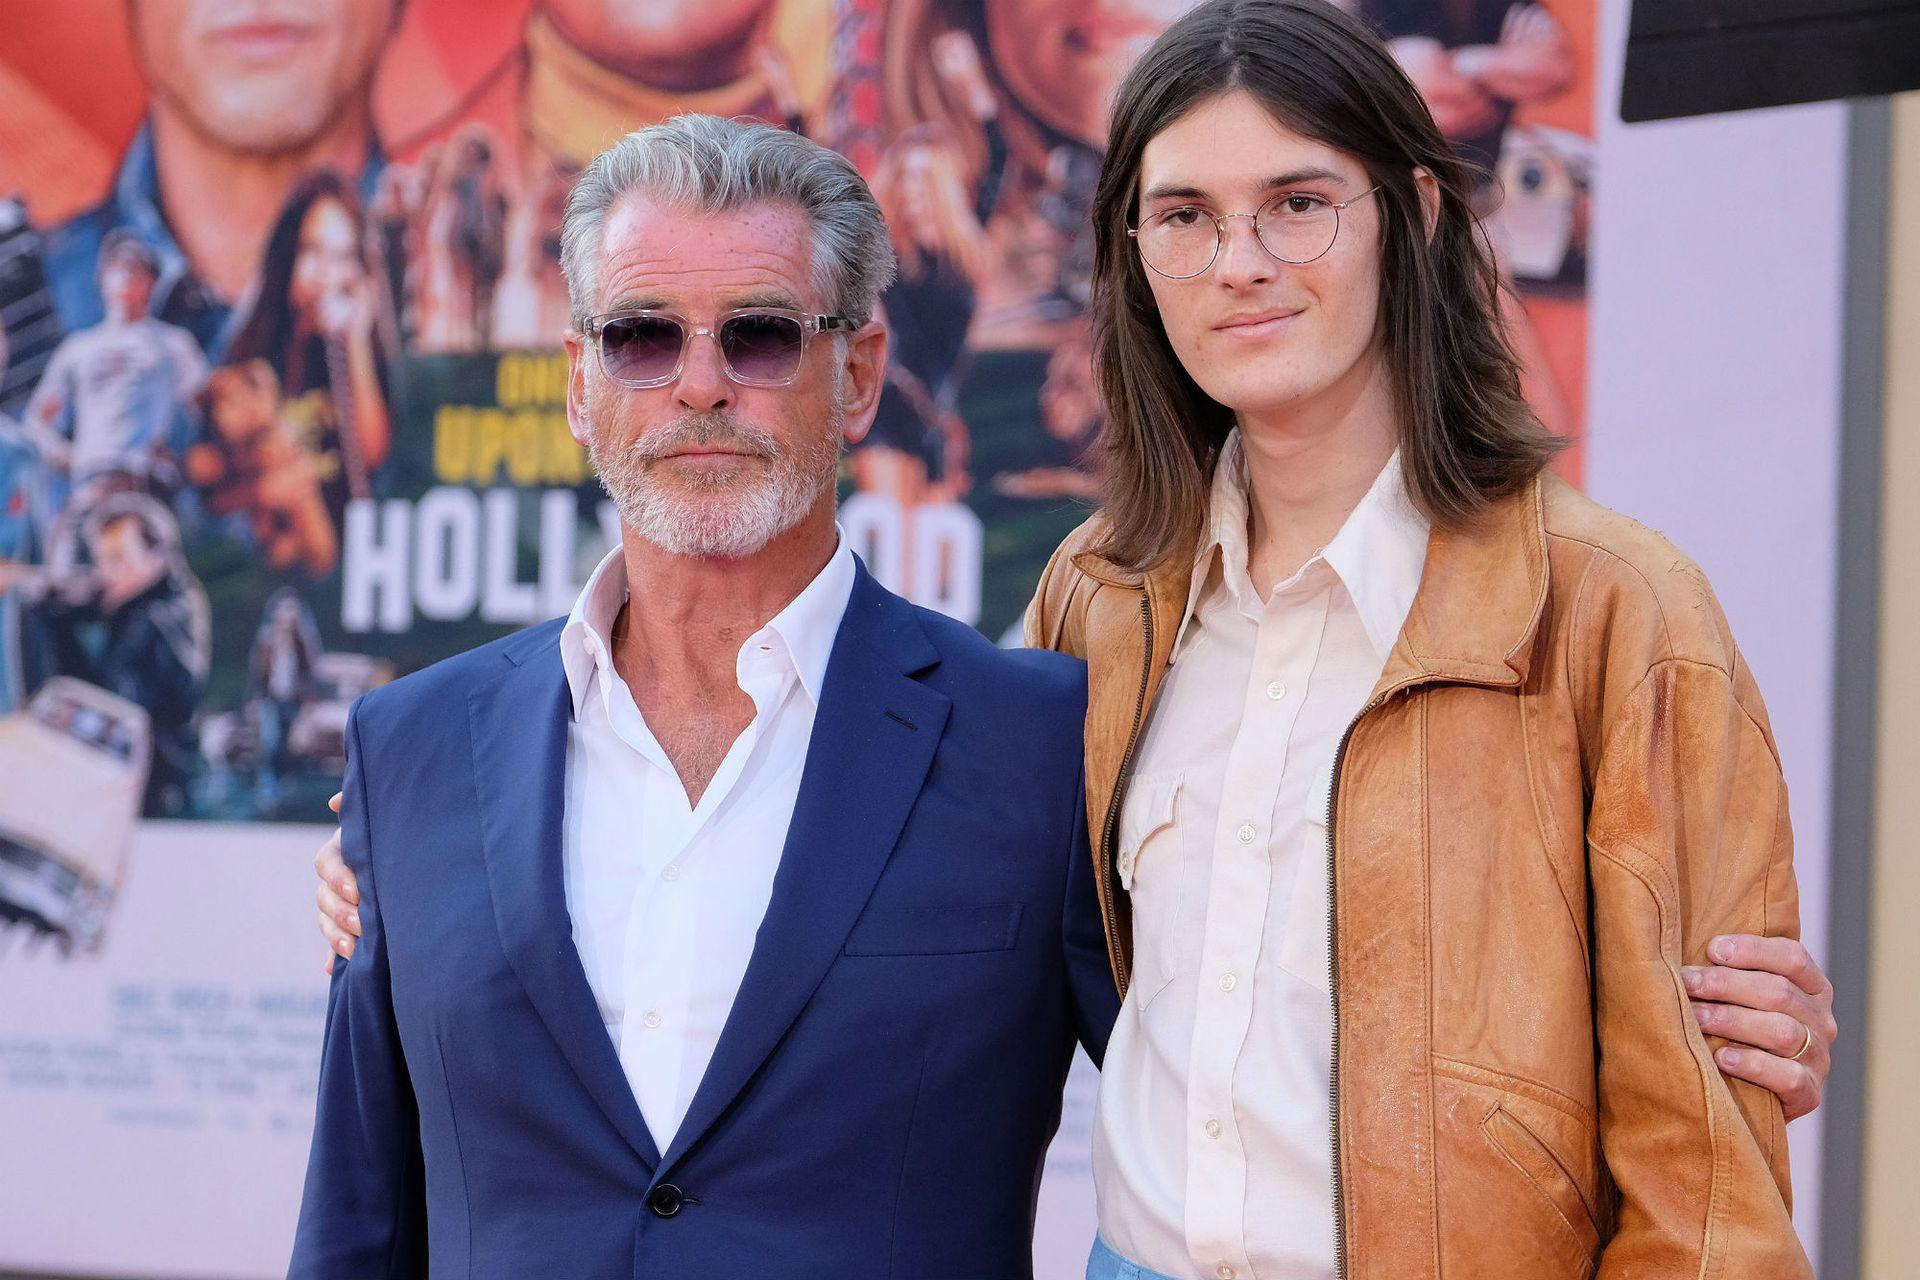 Pierce Brosnan acudió al estreno junto a su hijo, Dylan